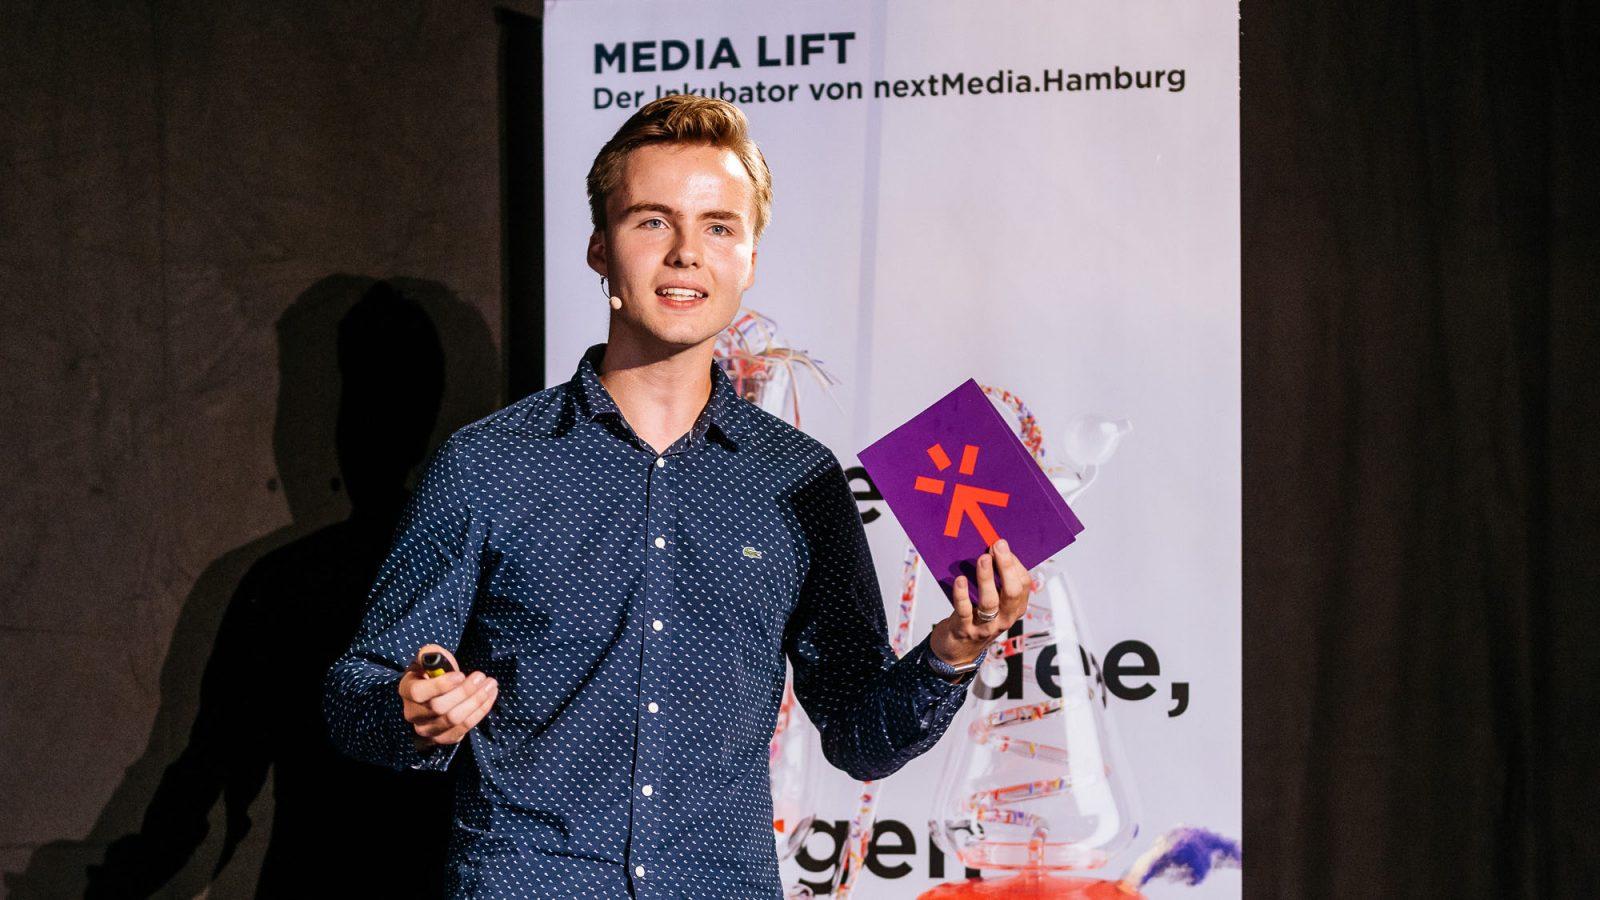 Otis Mohr ist erst 18 Jahre alt und studiert bald an der WHU – Beisheim School of Management.